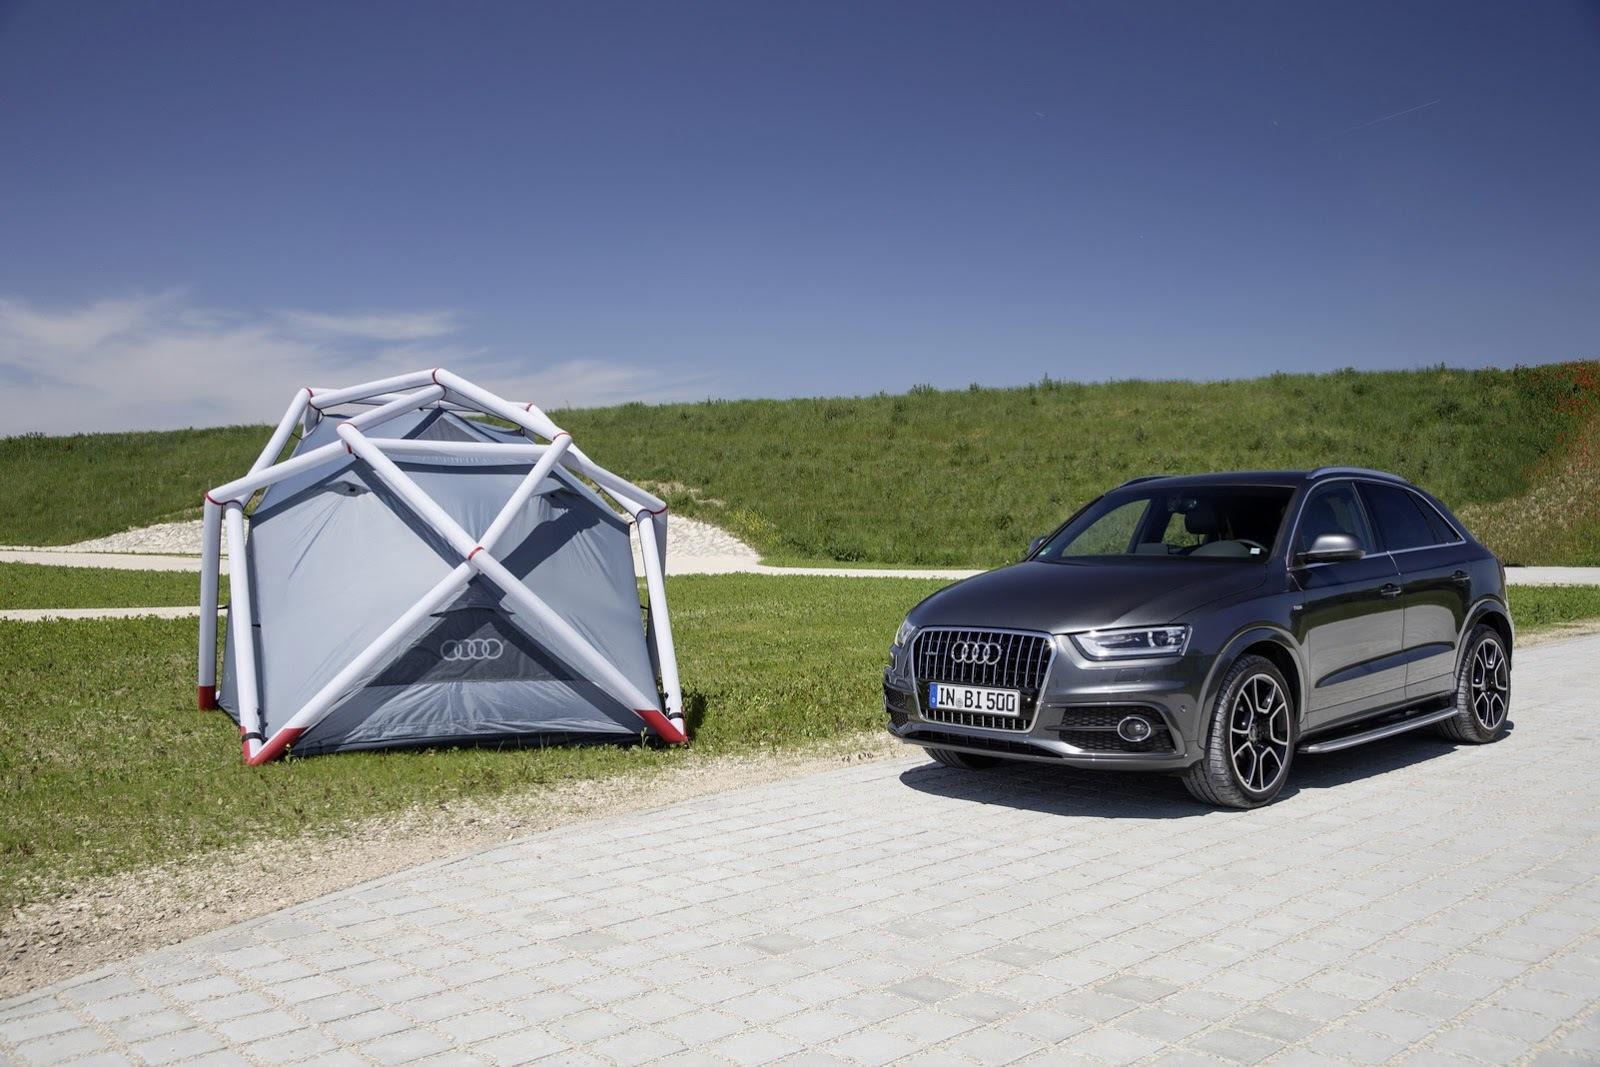 Foto de Audi Q3 Camping Tent (4/6)